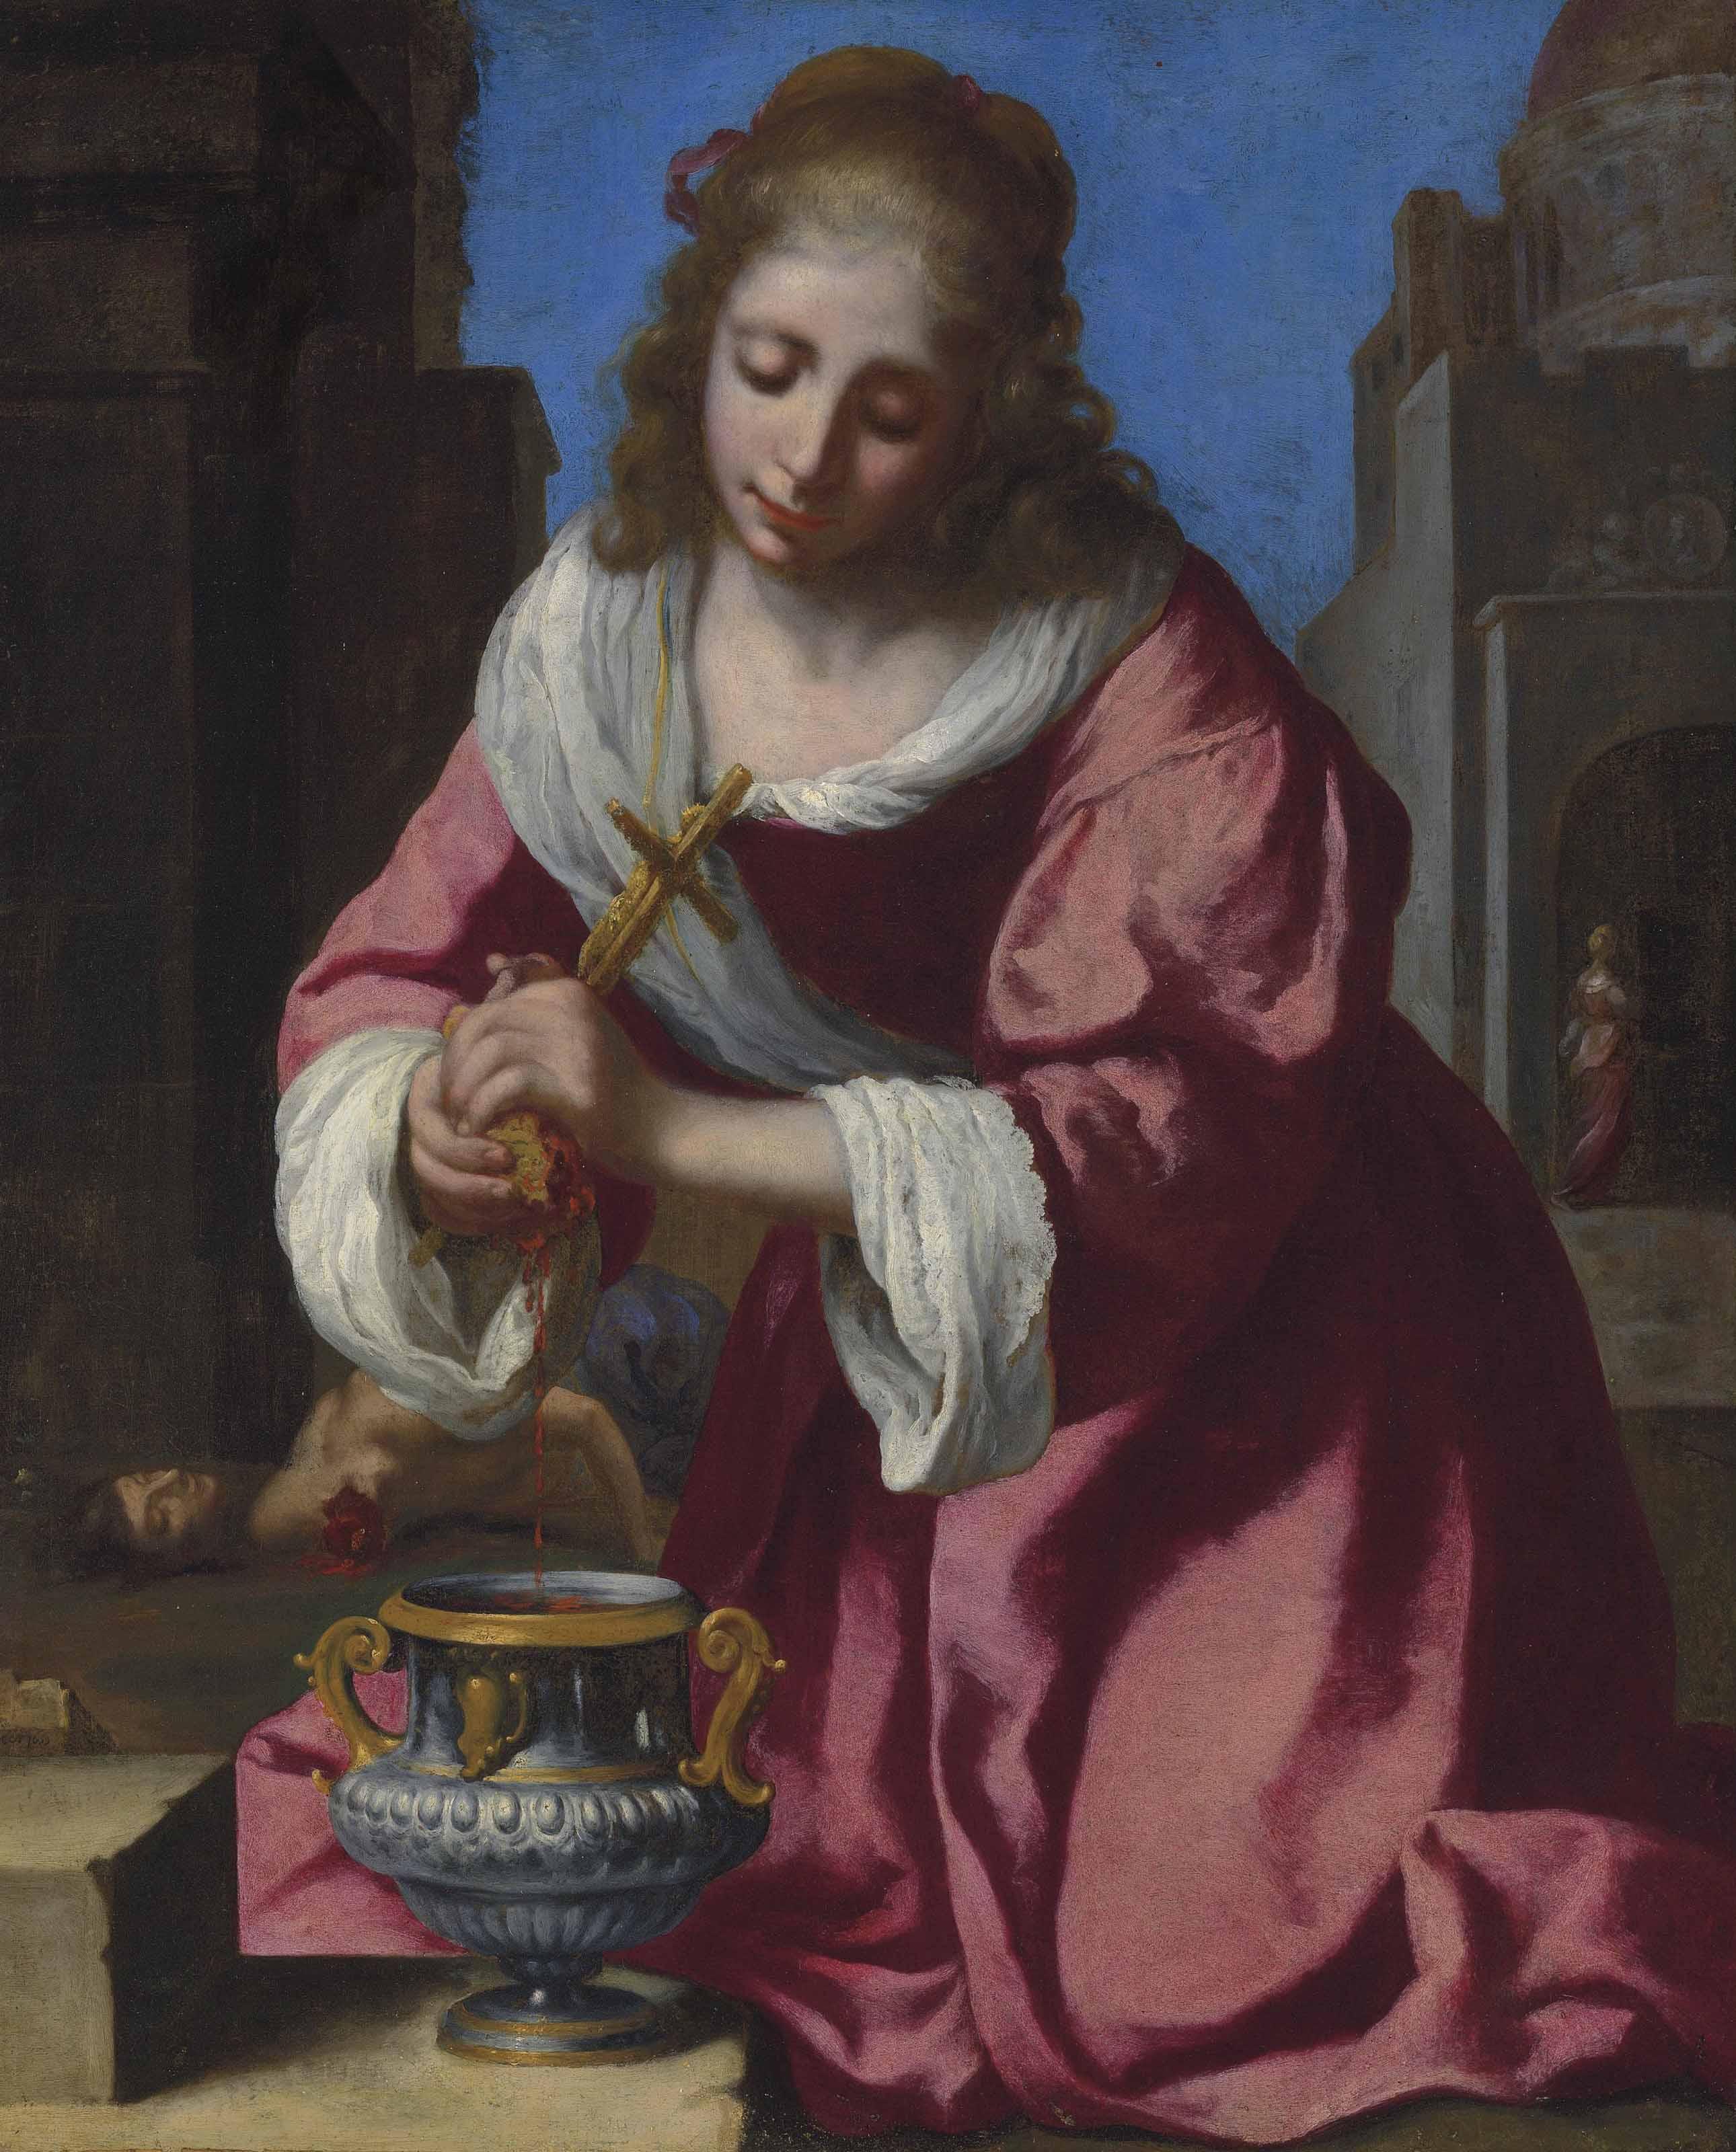 Johannes Vermeer (Delft 1632-1675)